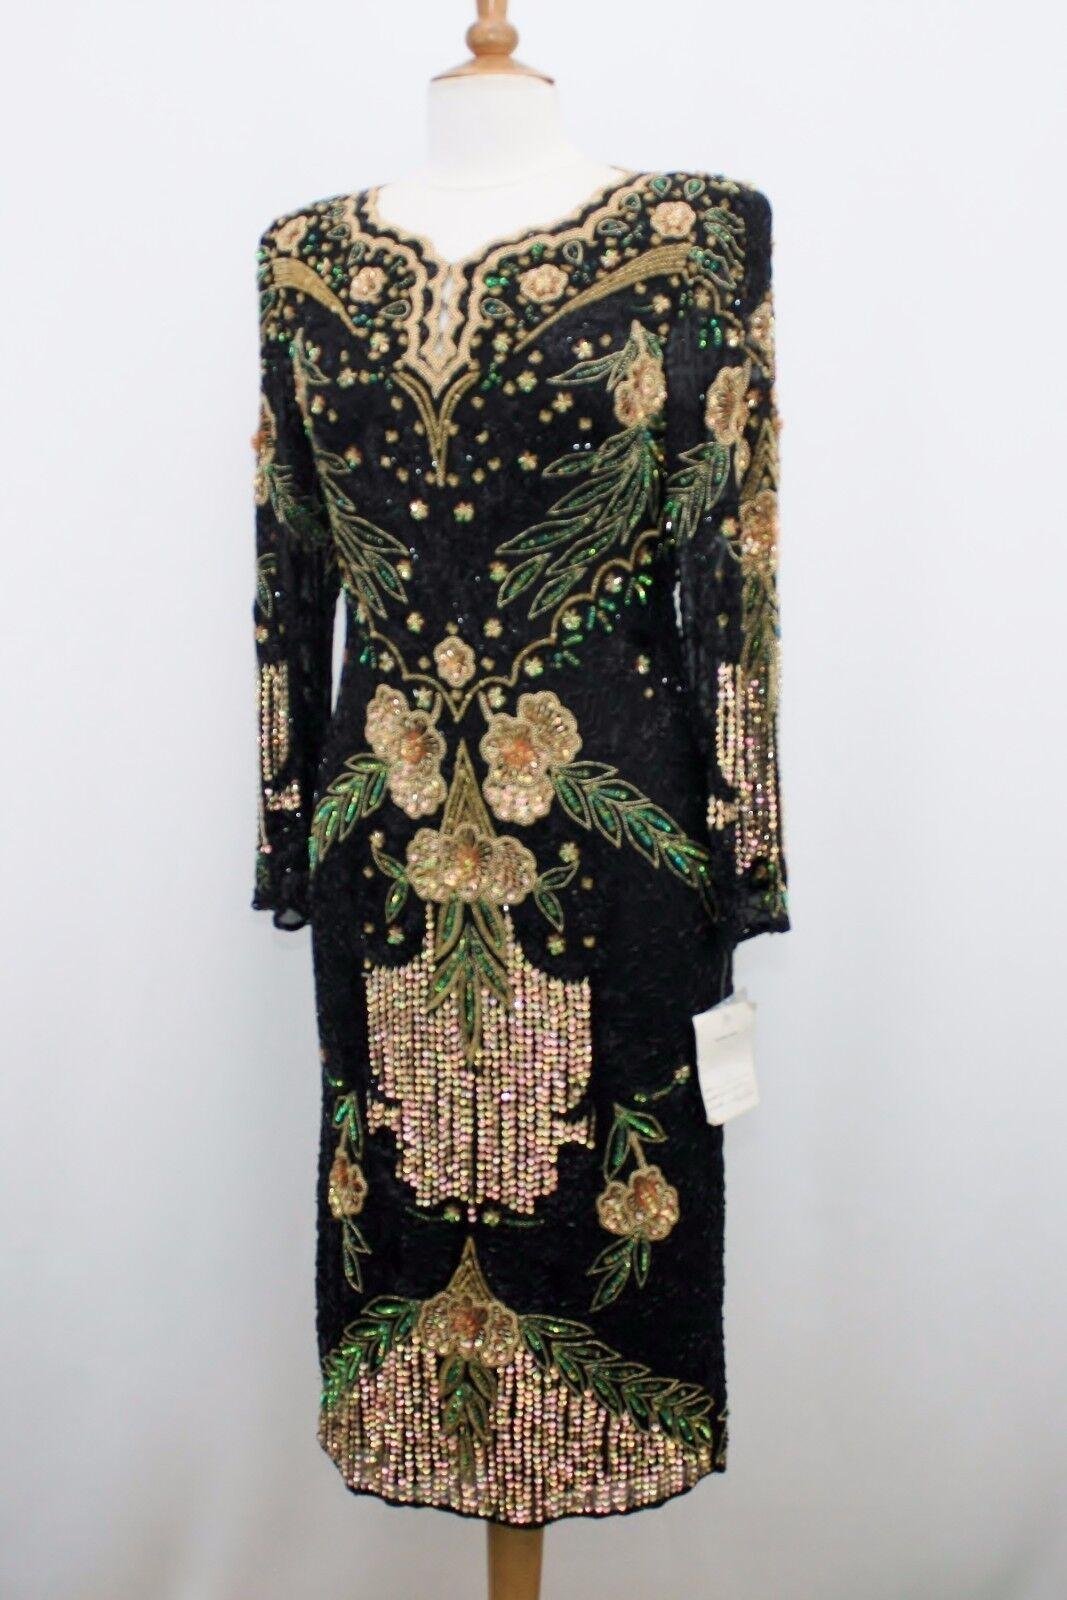 Jasdee Vintage Dress Length Length Length 45  Inch Hand Work Bead & Sequins On Silk Style 1174 3c89d9